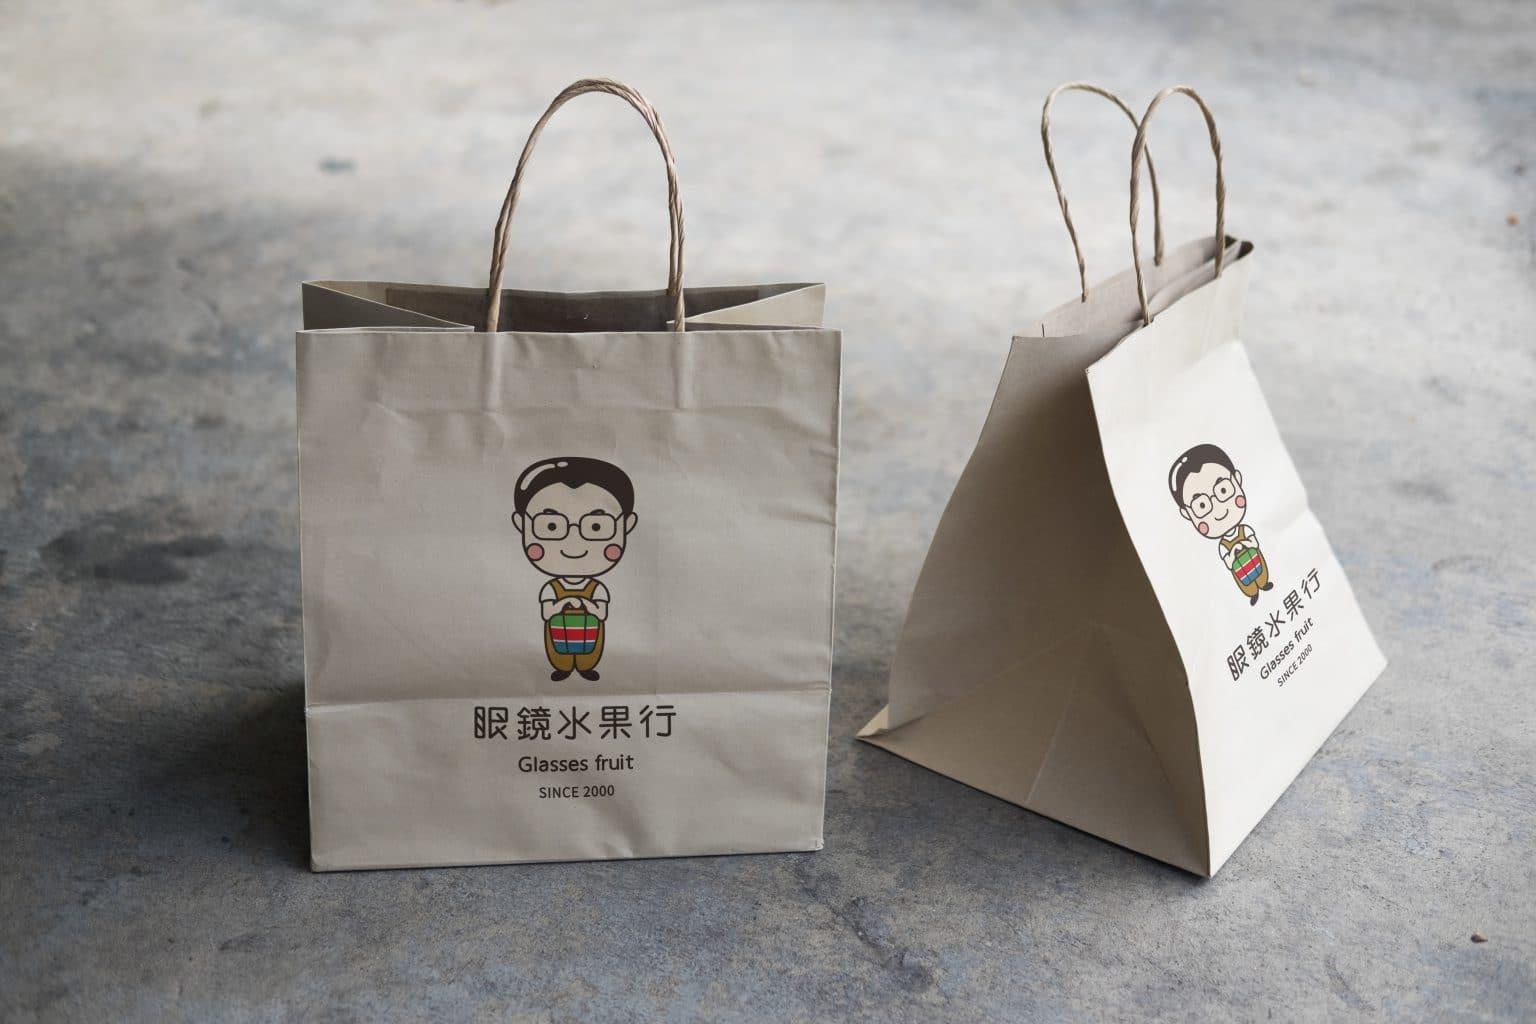 眼鏡水果行 LOGO設計 形象設計 品牌設計 商標設計